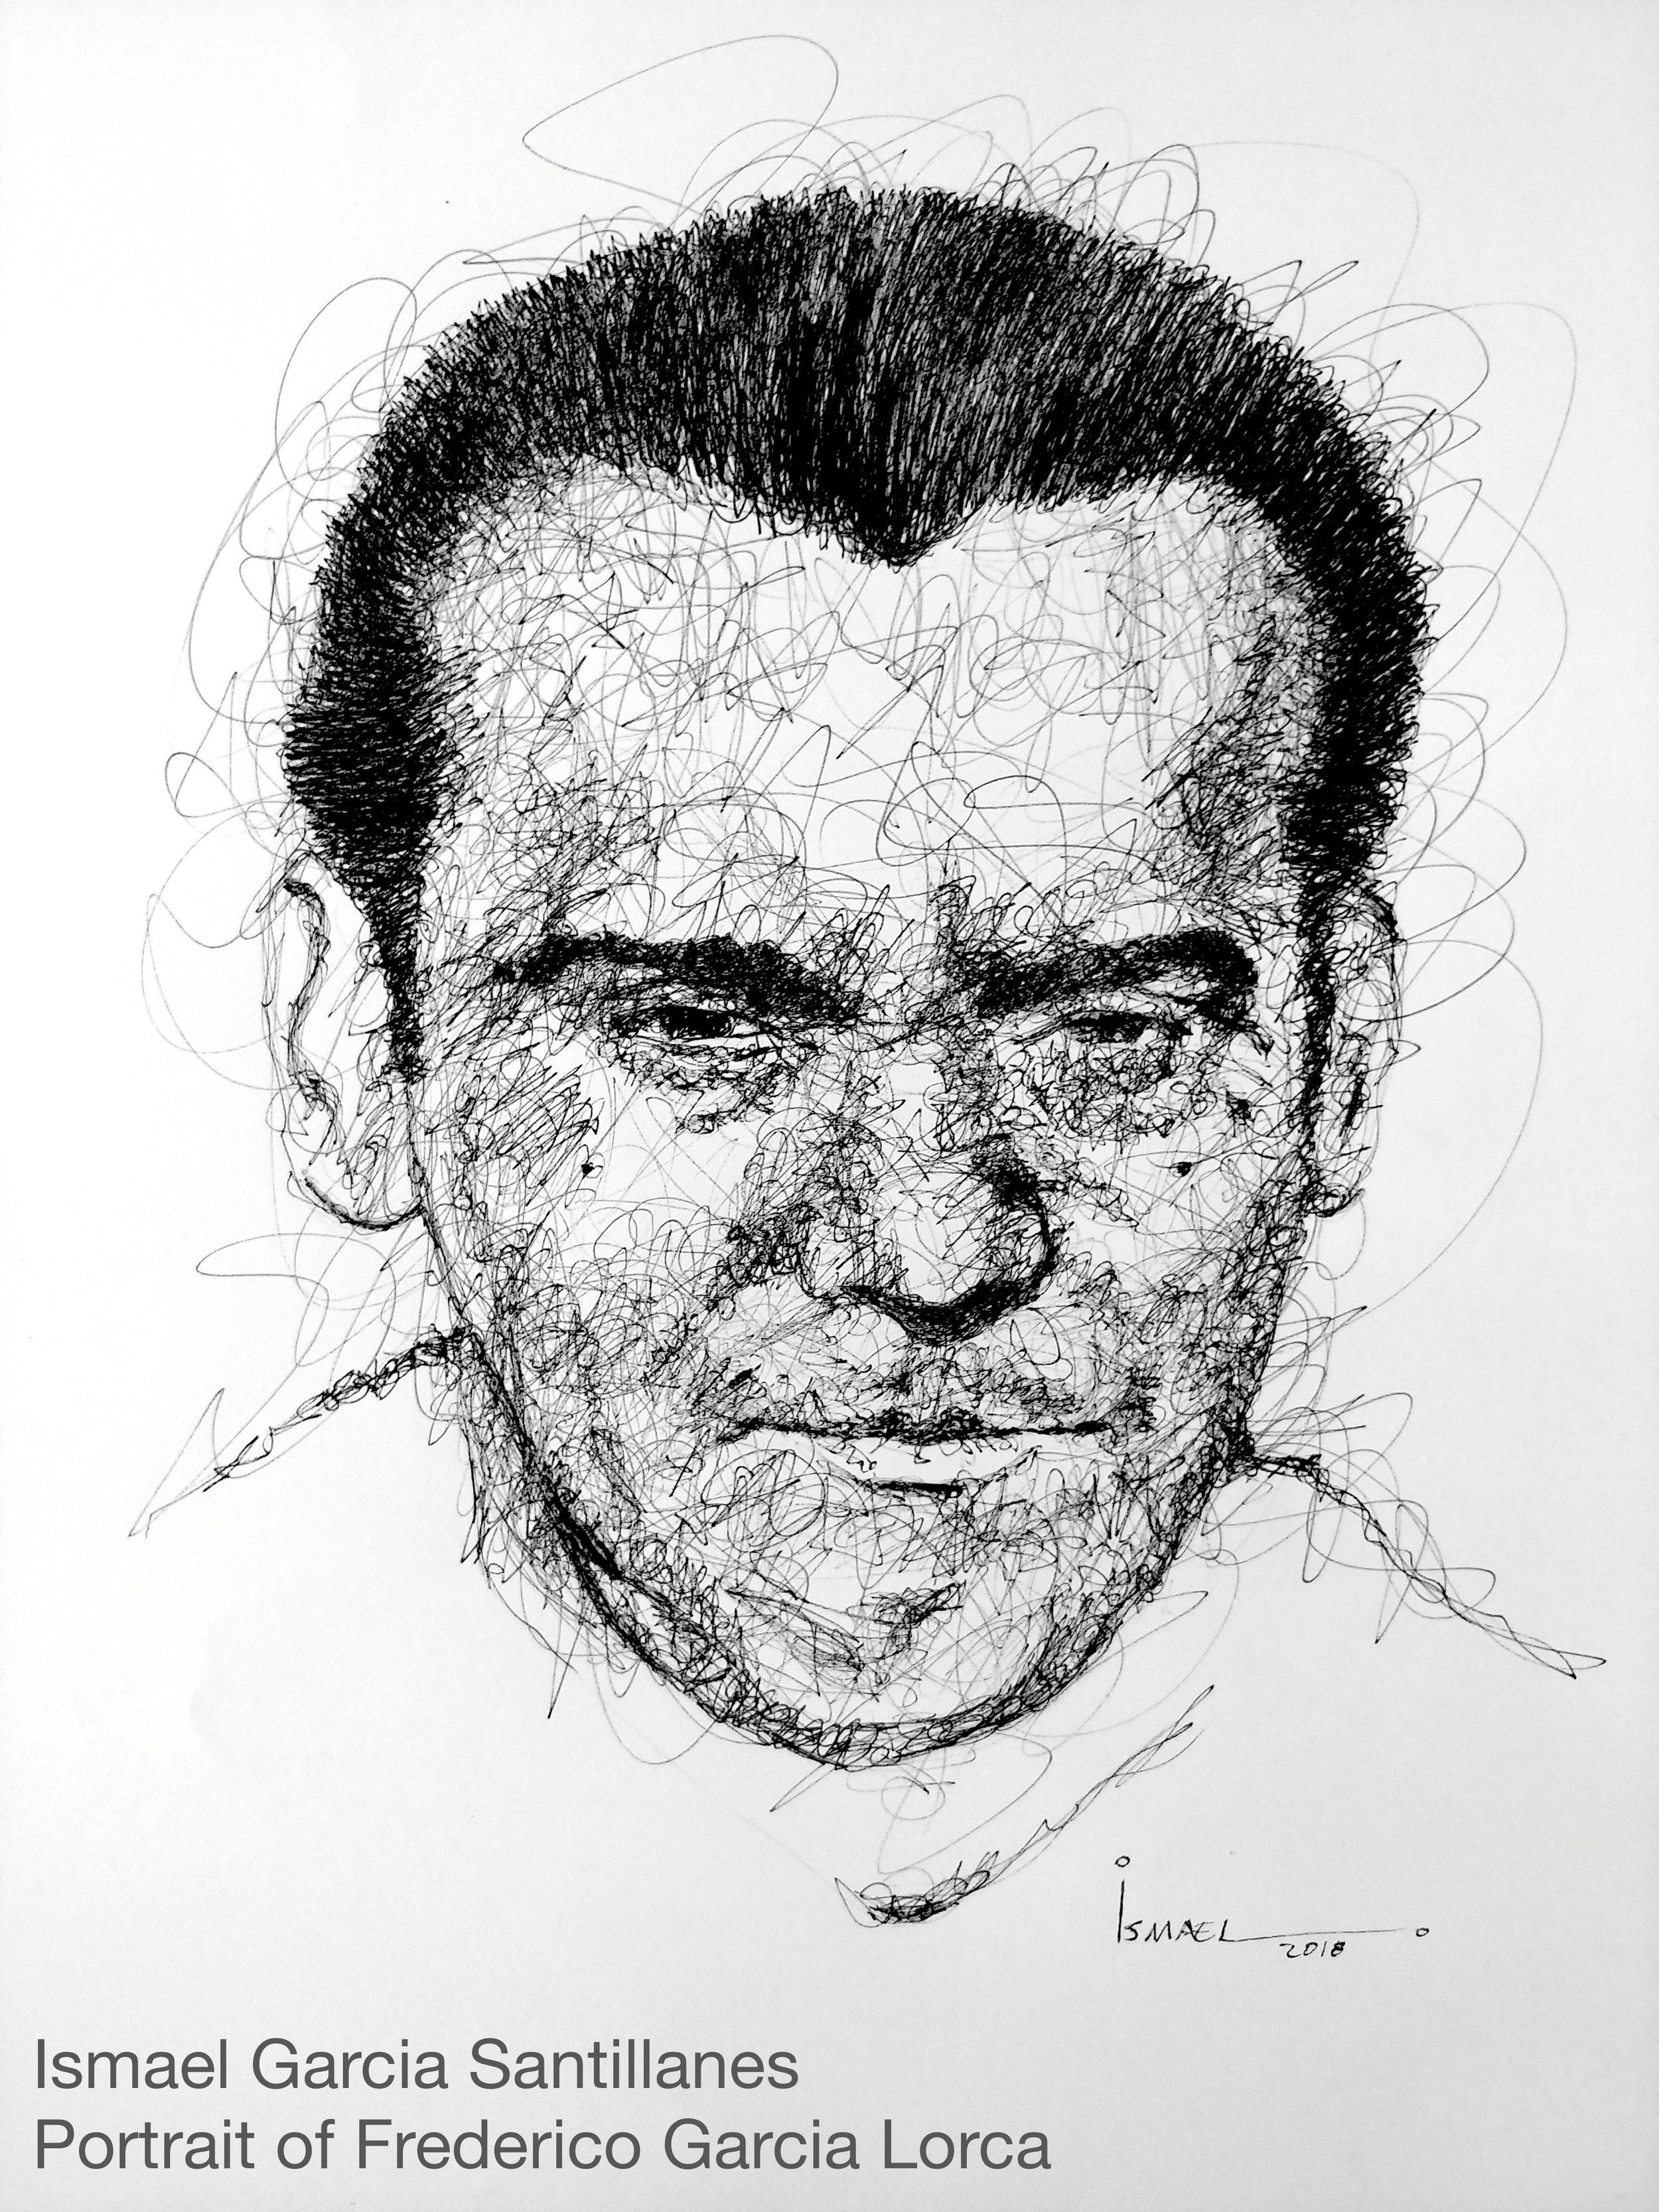 Ismael Garcia Santillanes_ink_of Federico Garcia Lorca_20180914_164957_HDR edited.jpg